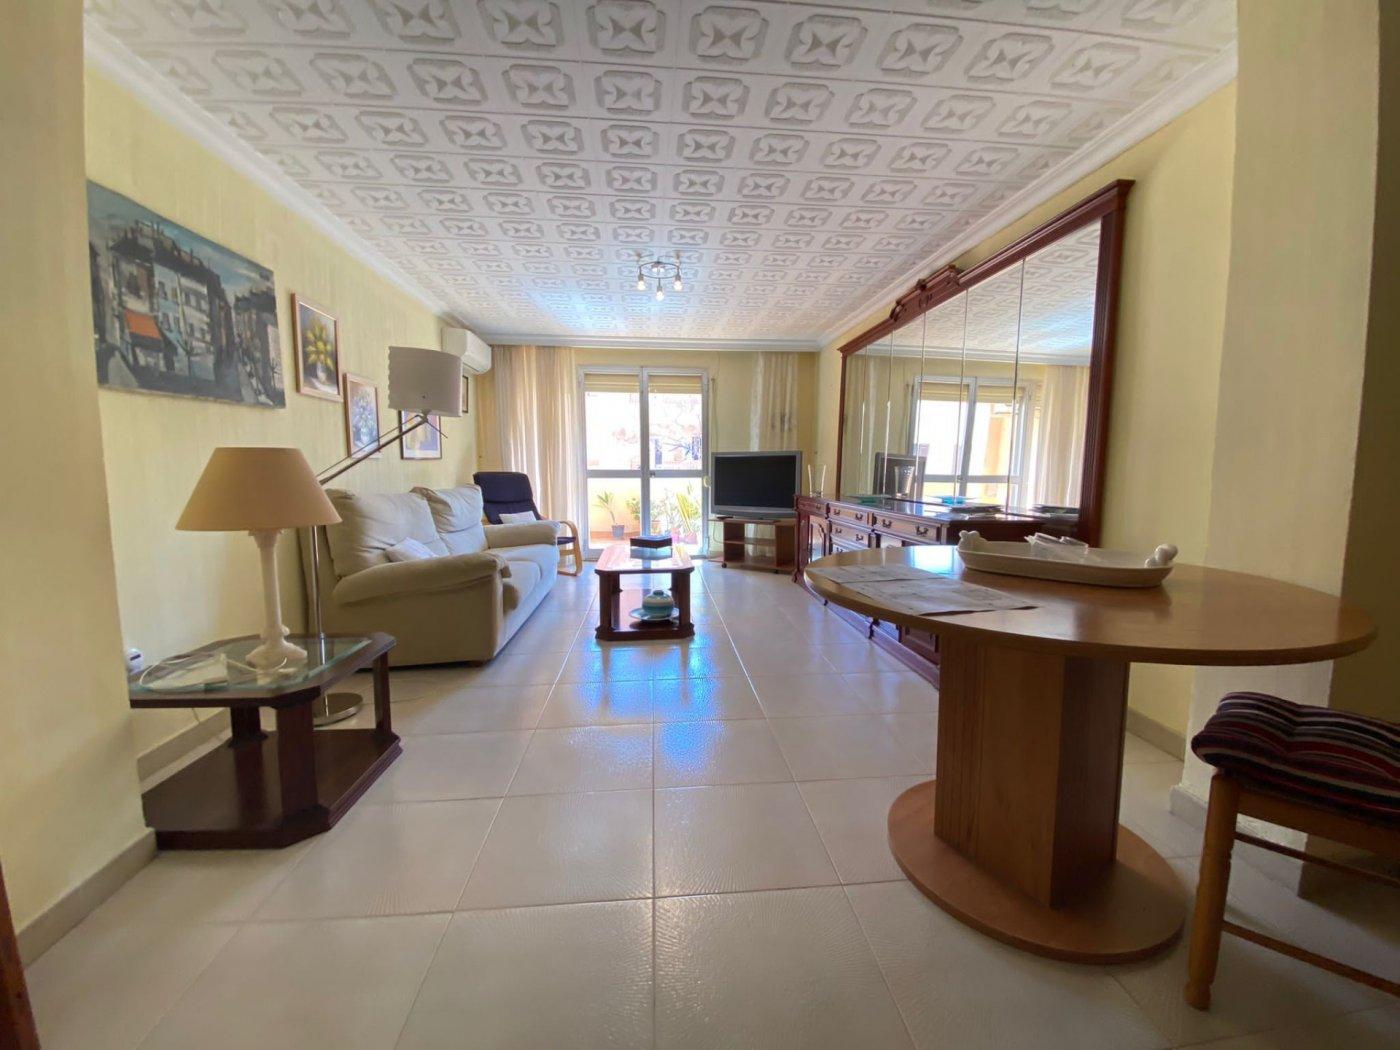 Señorial piso en palma, posibilidad alquiler con opción a compra - imagenInmueble2